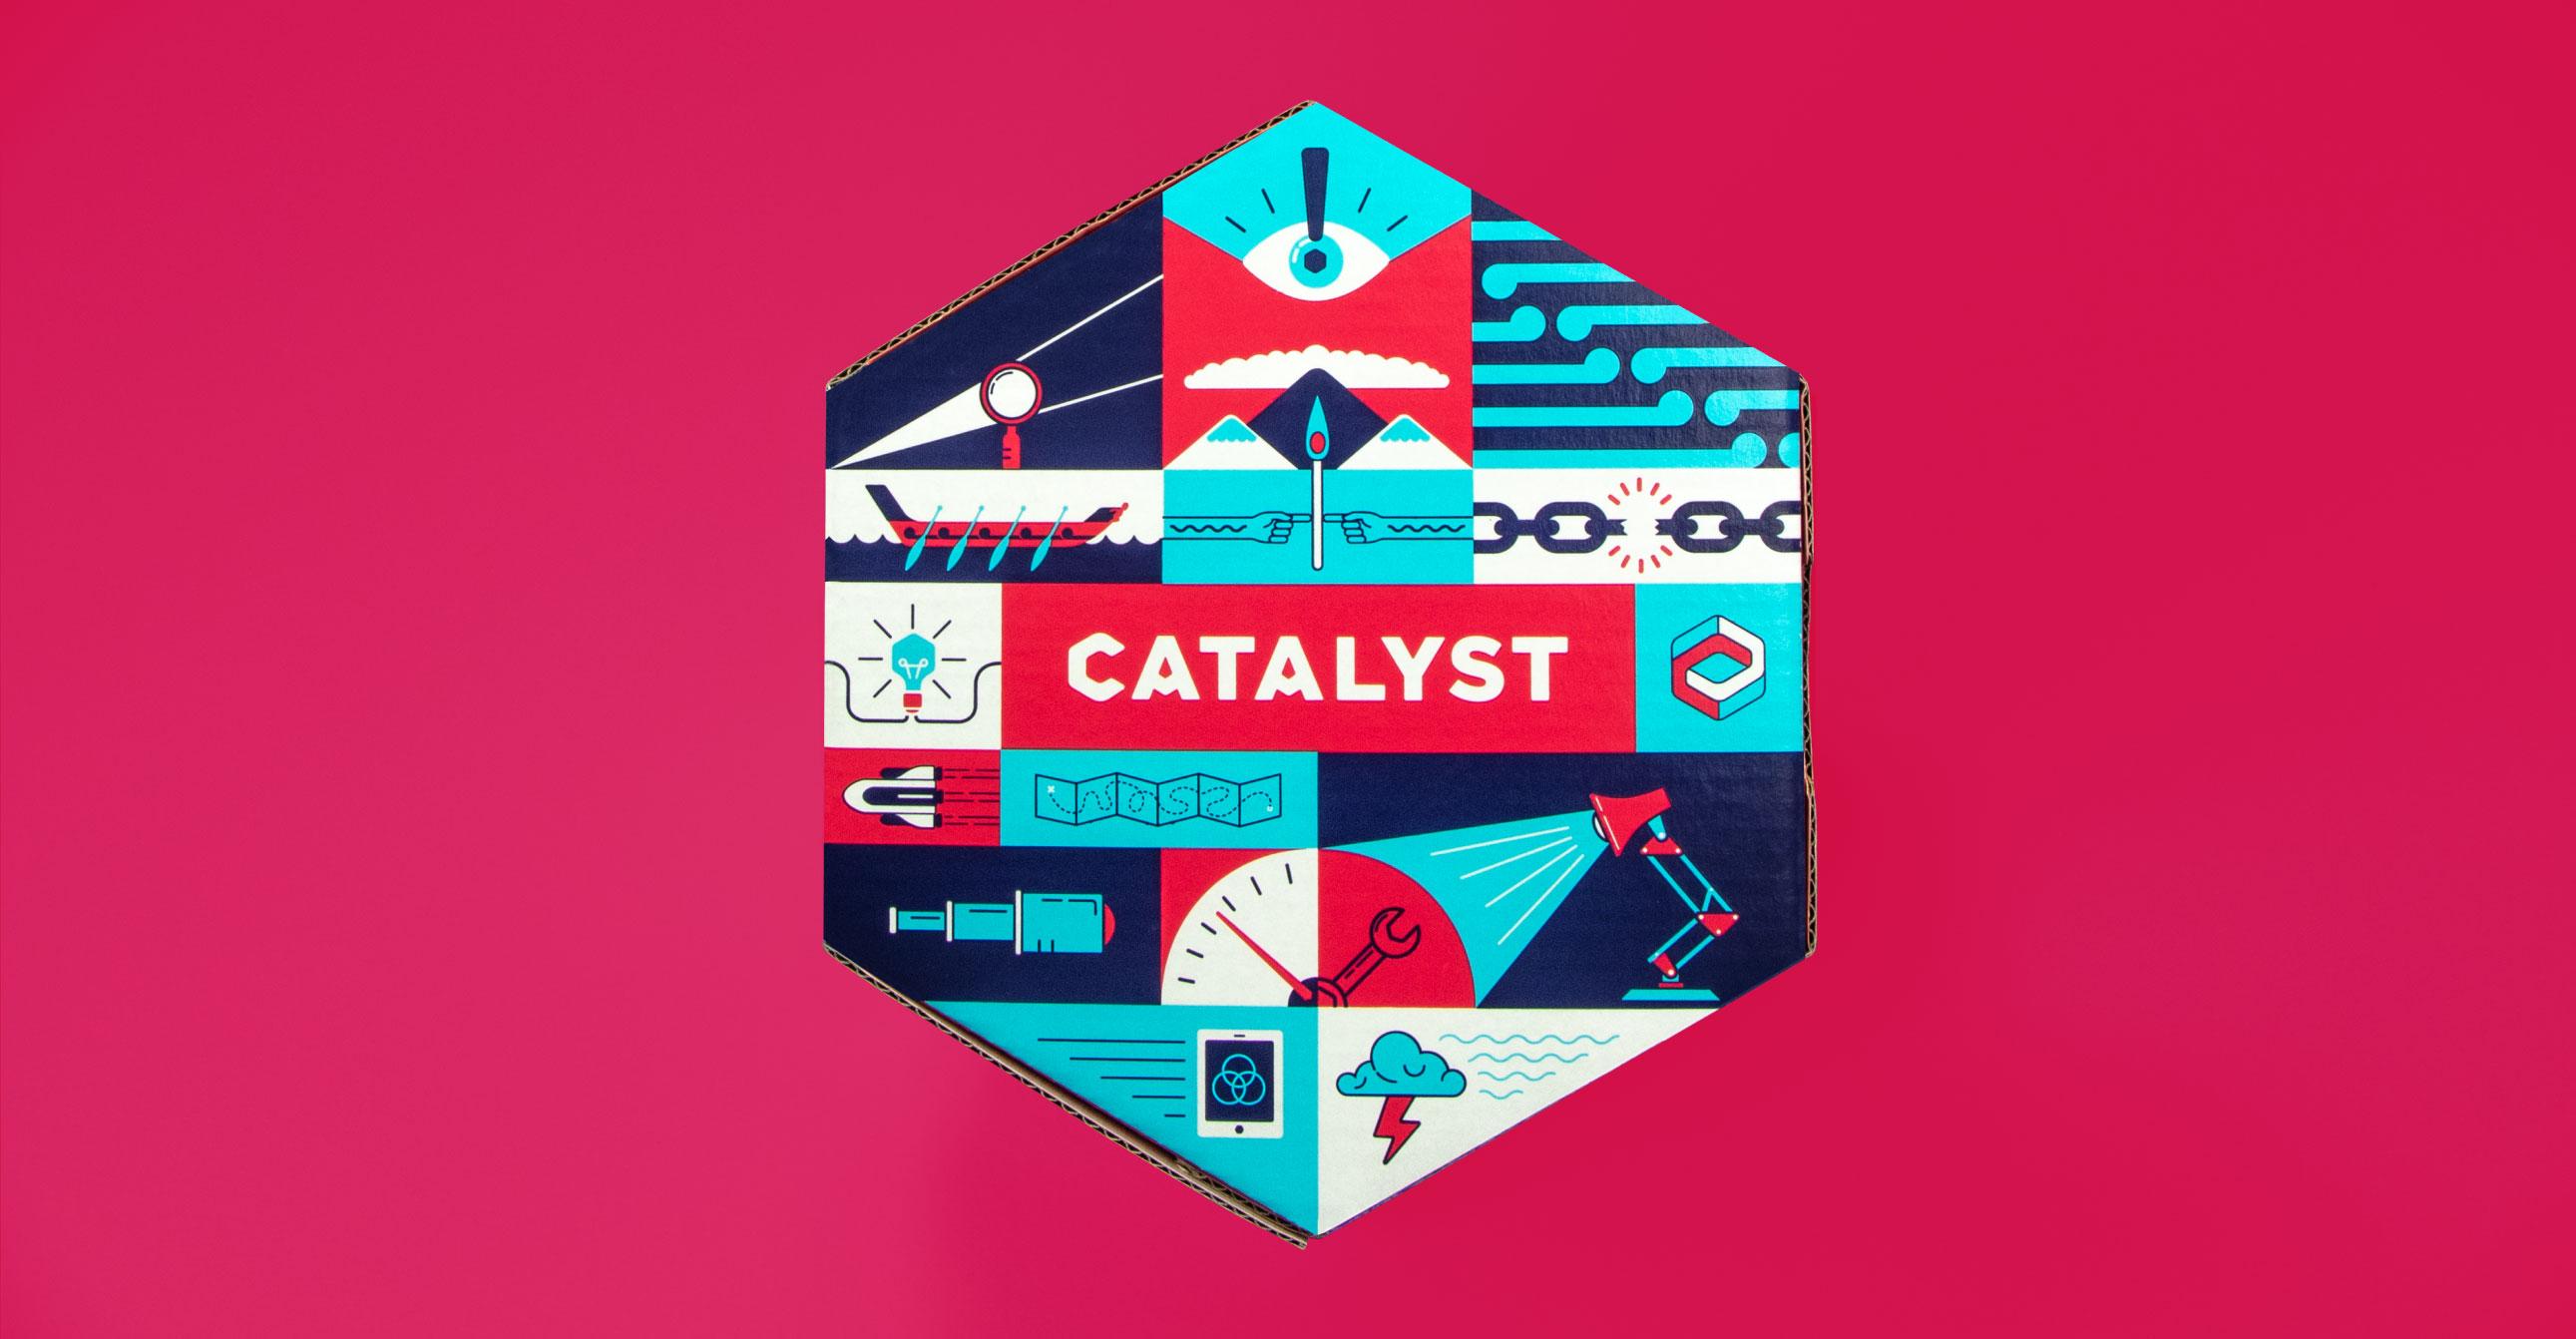 catalyst-15.jpg